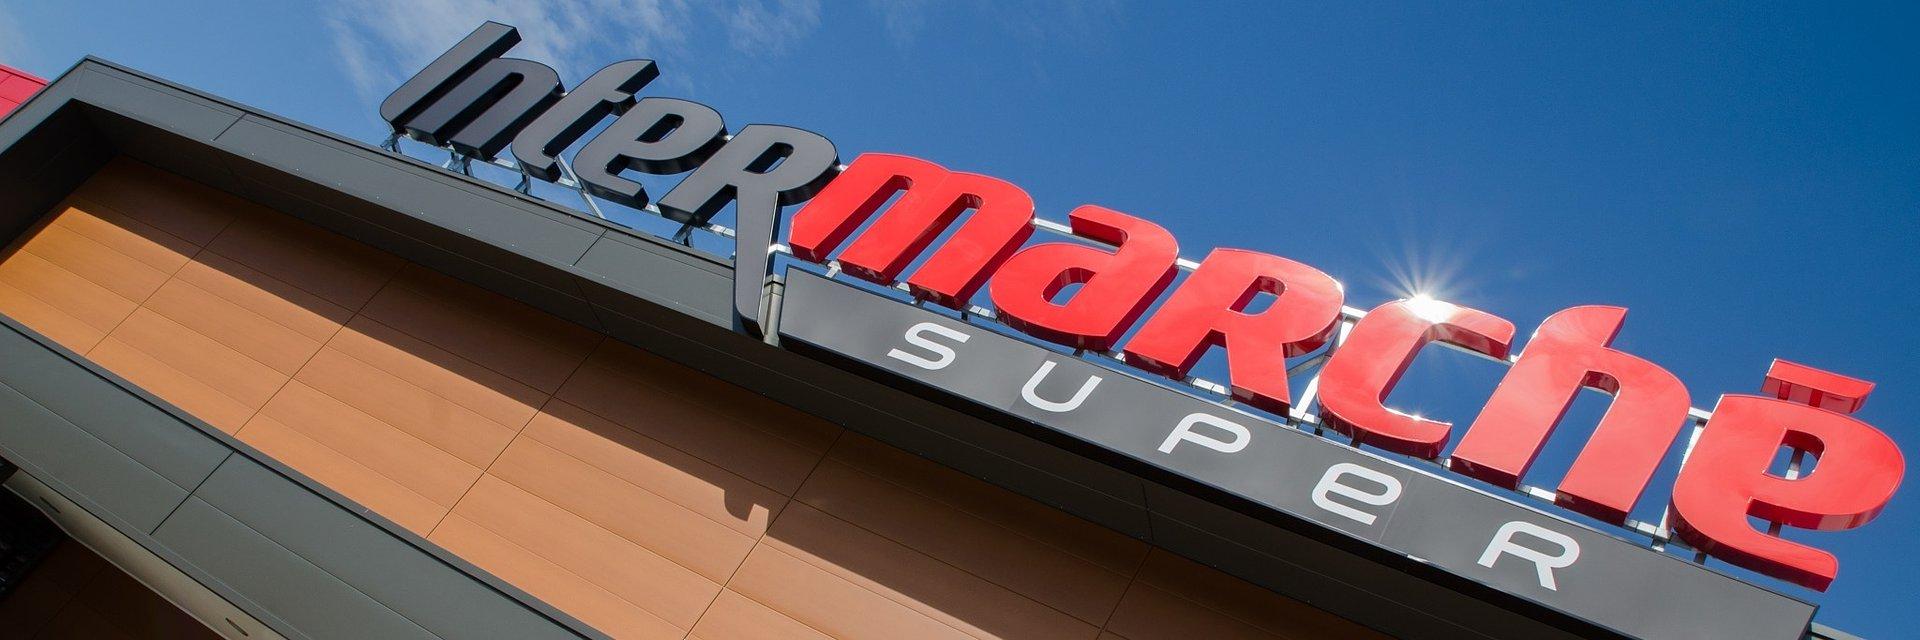 Intermarché renova loja de Portimão